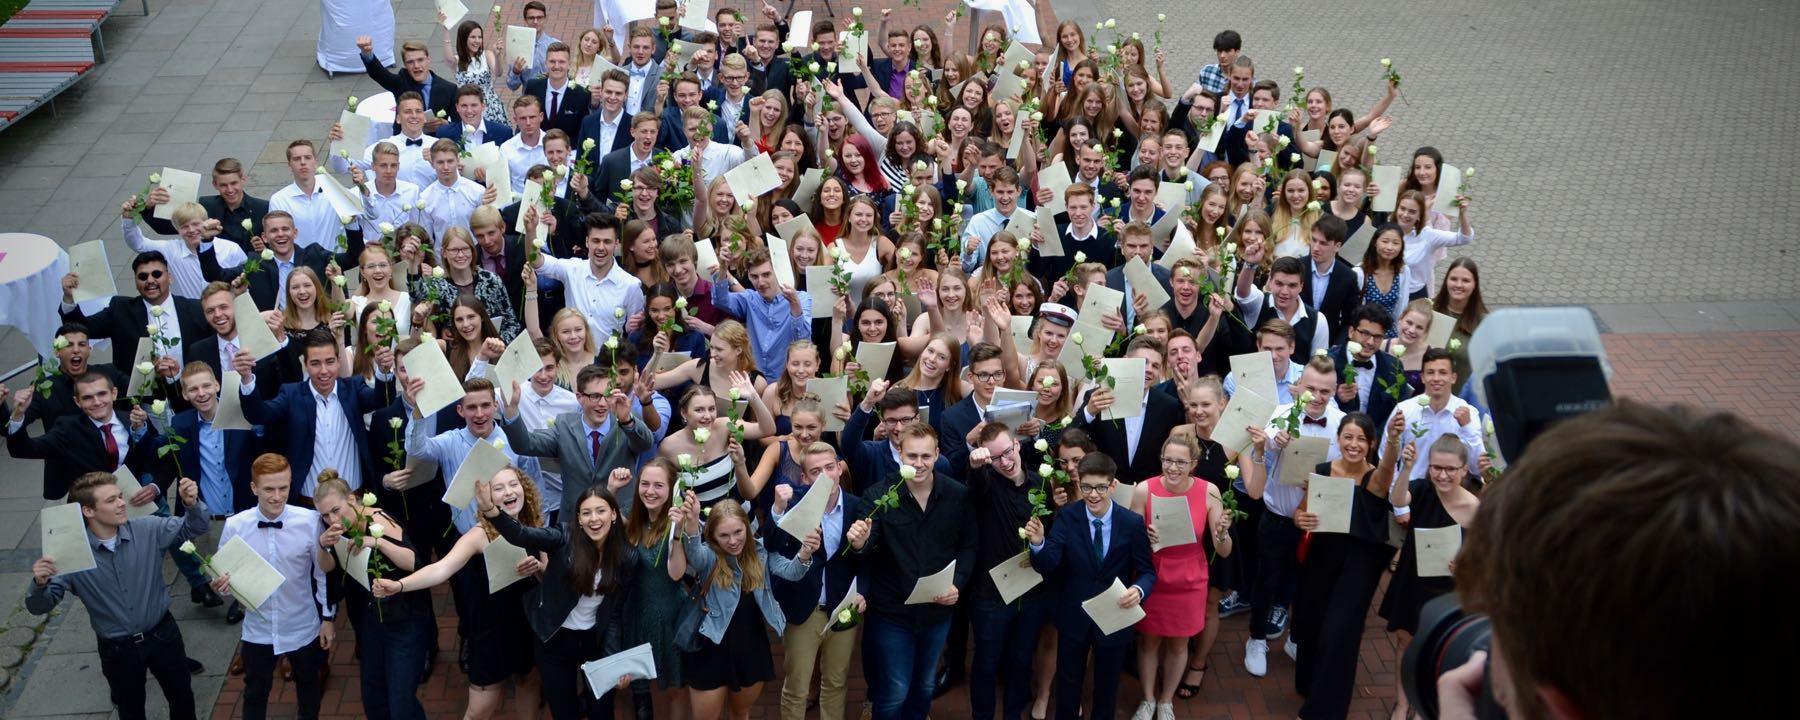 Herzlichen Glückwunsch zu Eurem Abitur 2017!